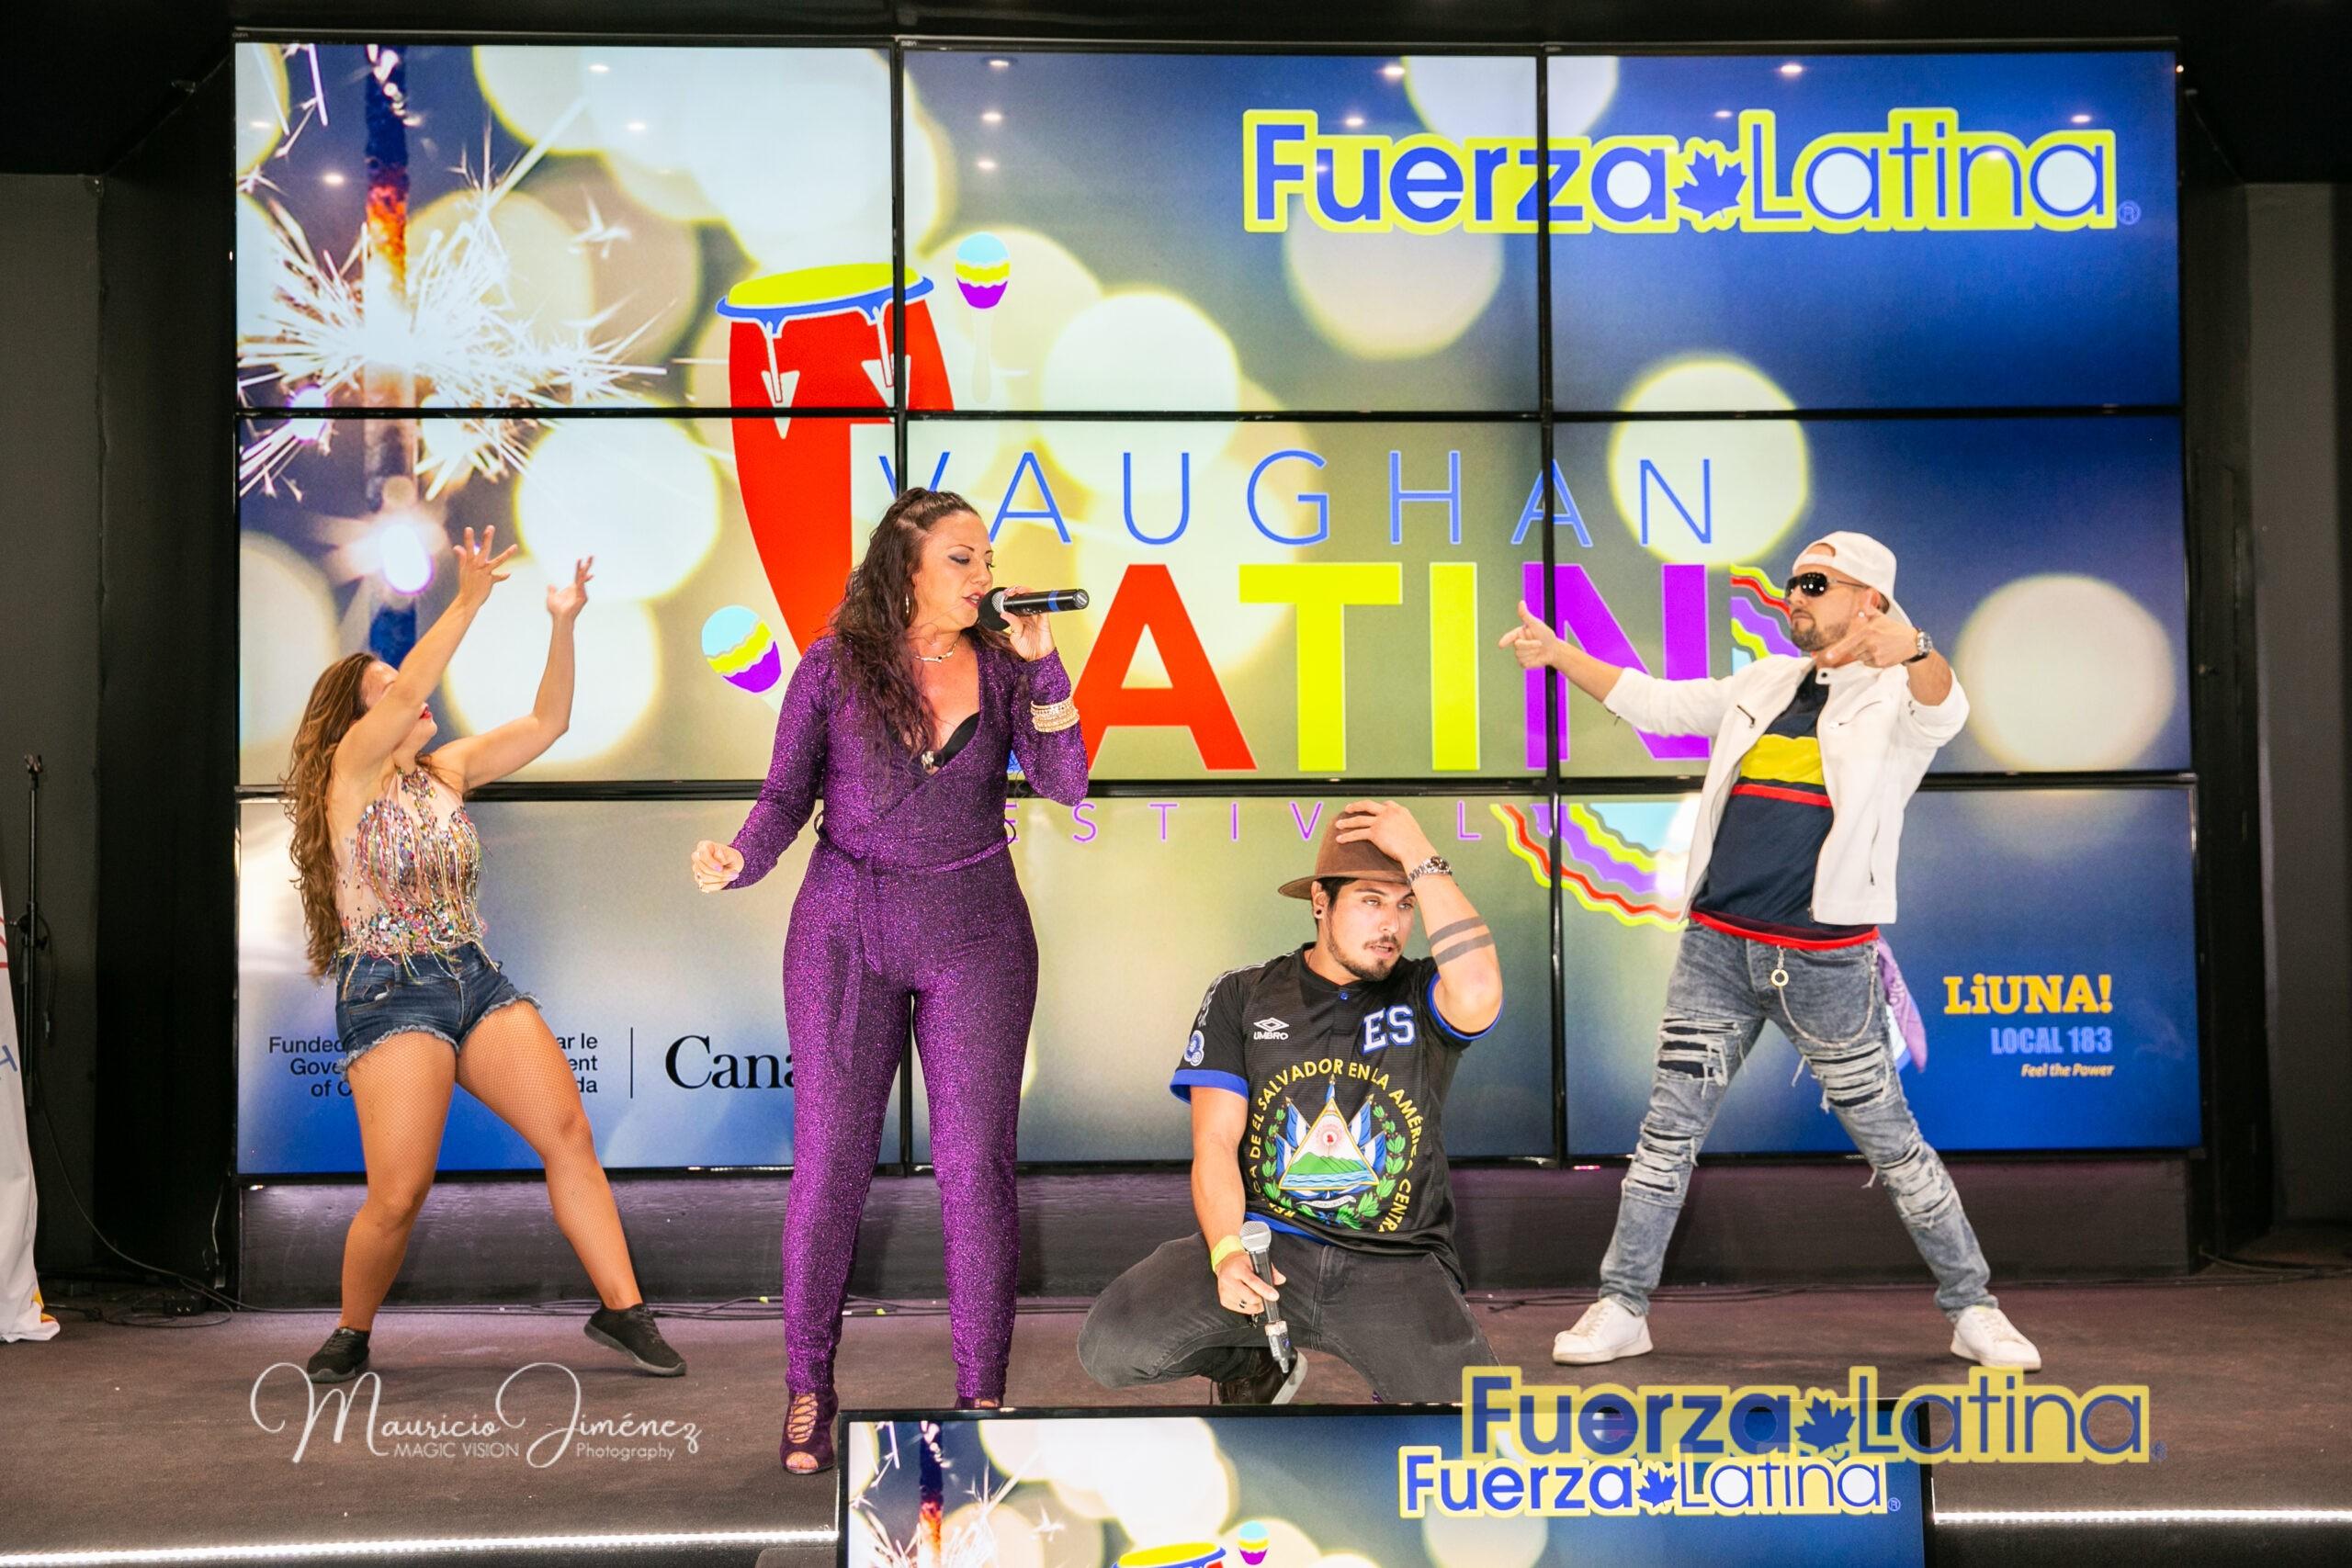 Magic_Vision-Fuerza_Latina-2020-09-20_352